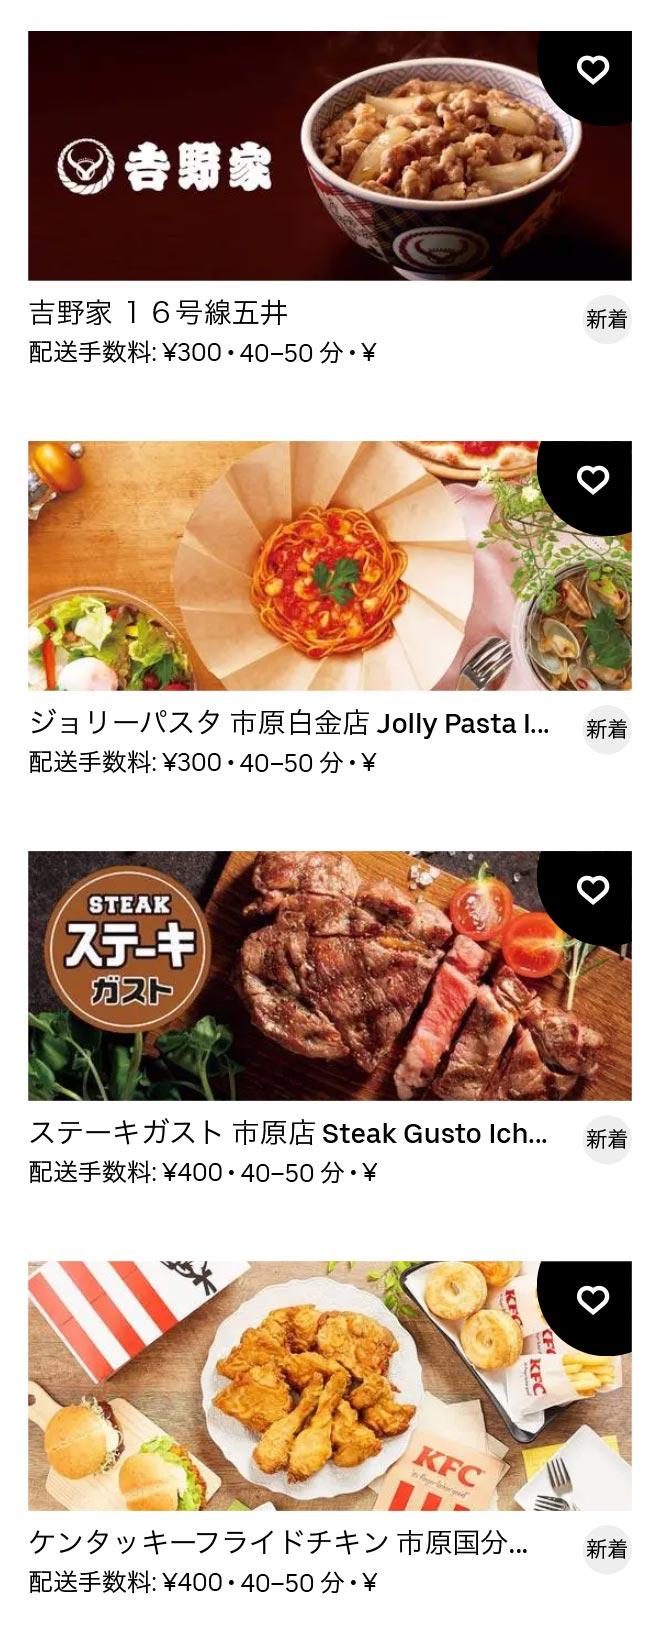 Ichihara goi menu 2011 3